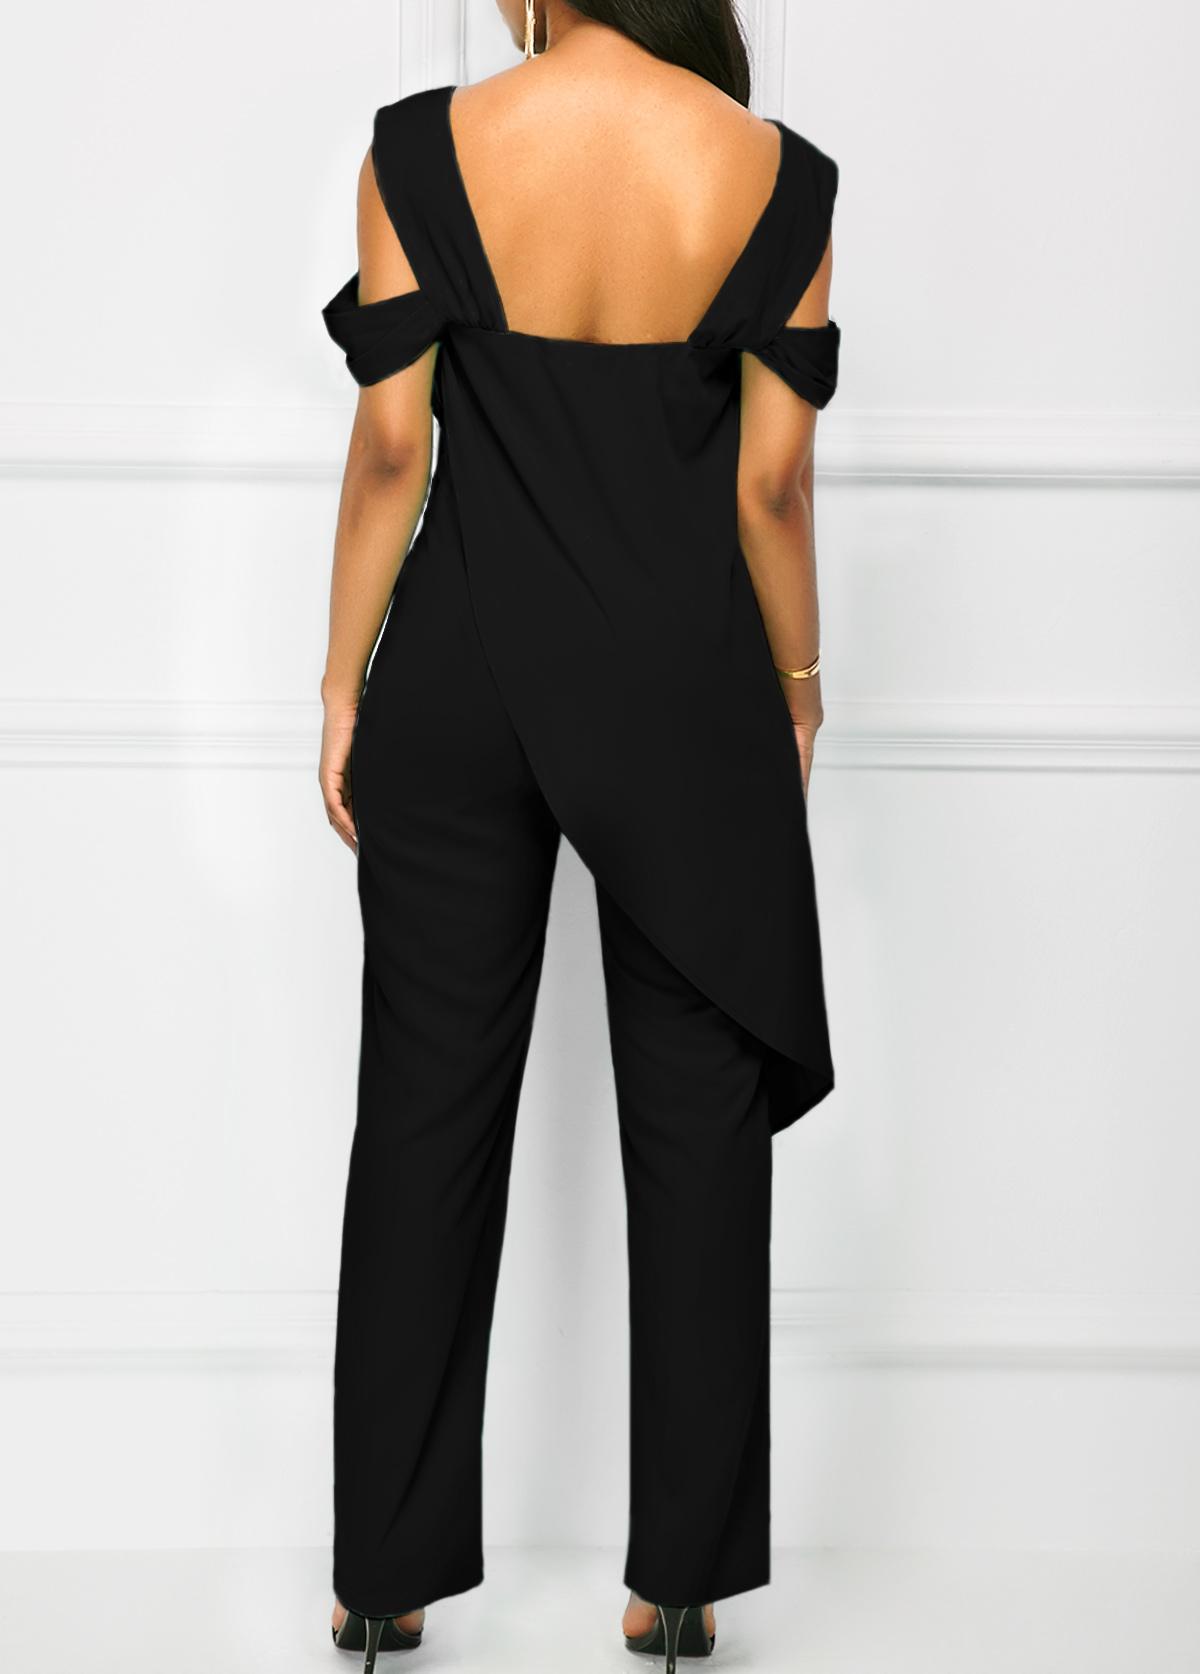 Wide Strap Black Open Back Overlay Jumpsuit